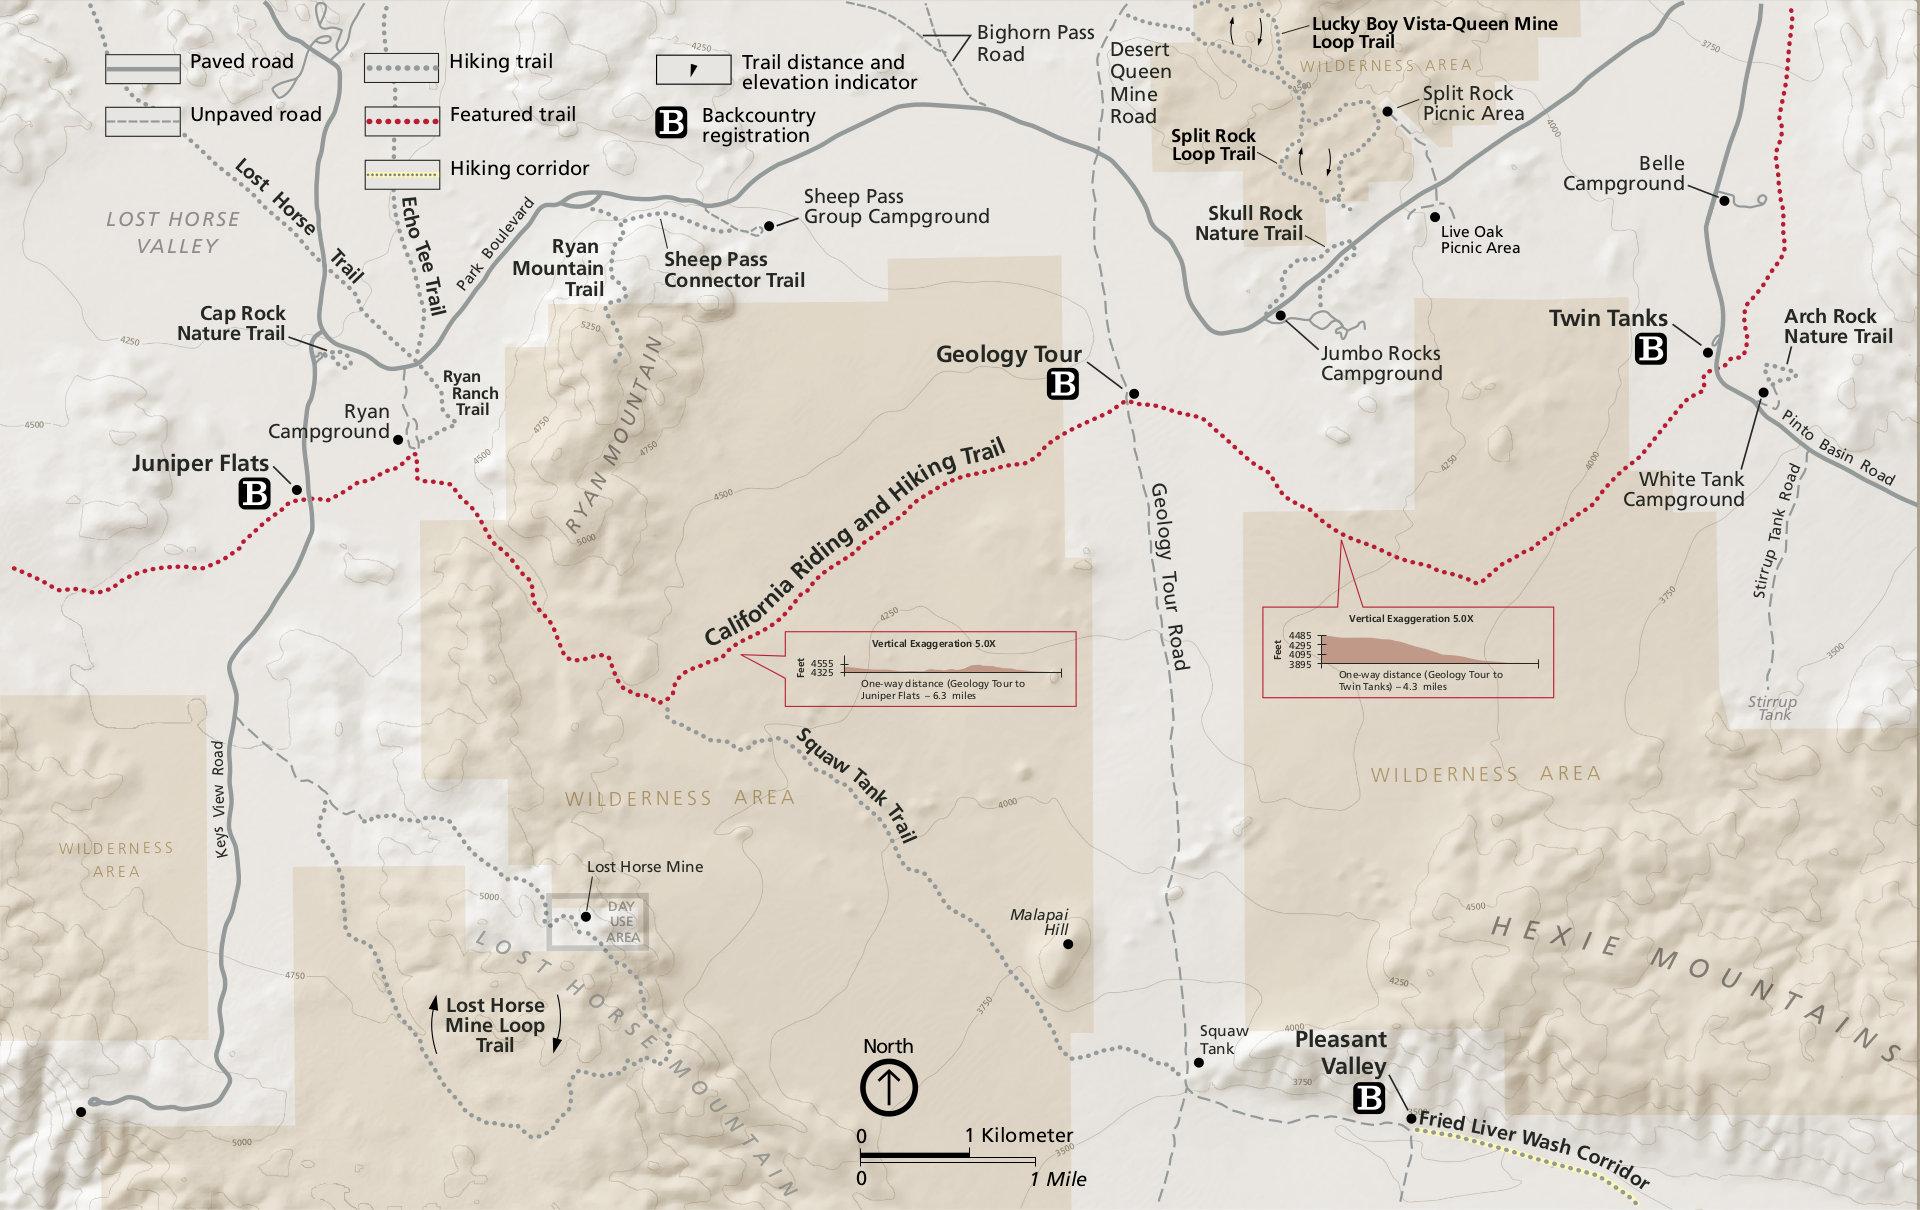 FileNPS joshuatreegeologyboardmapjpg Wikimedia Commons